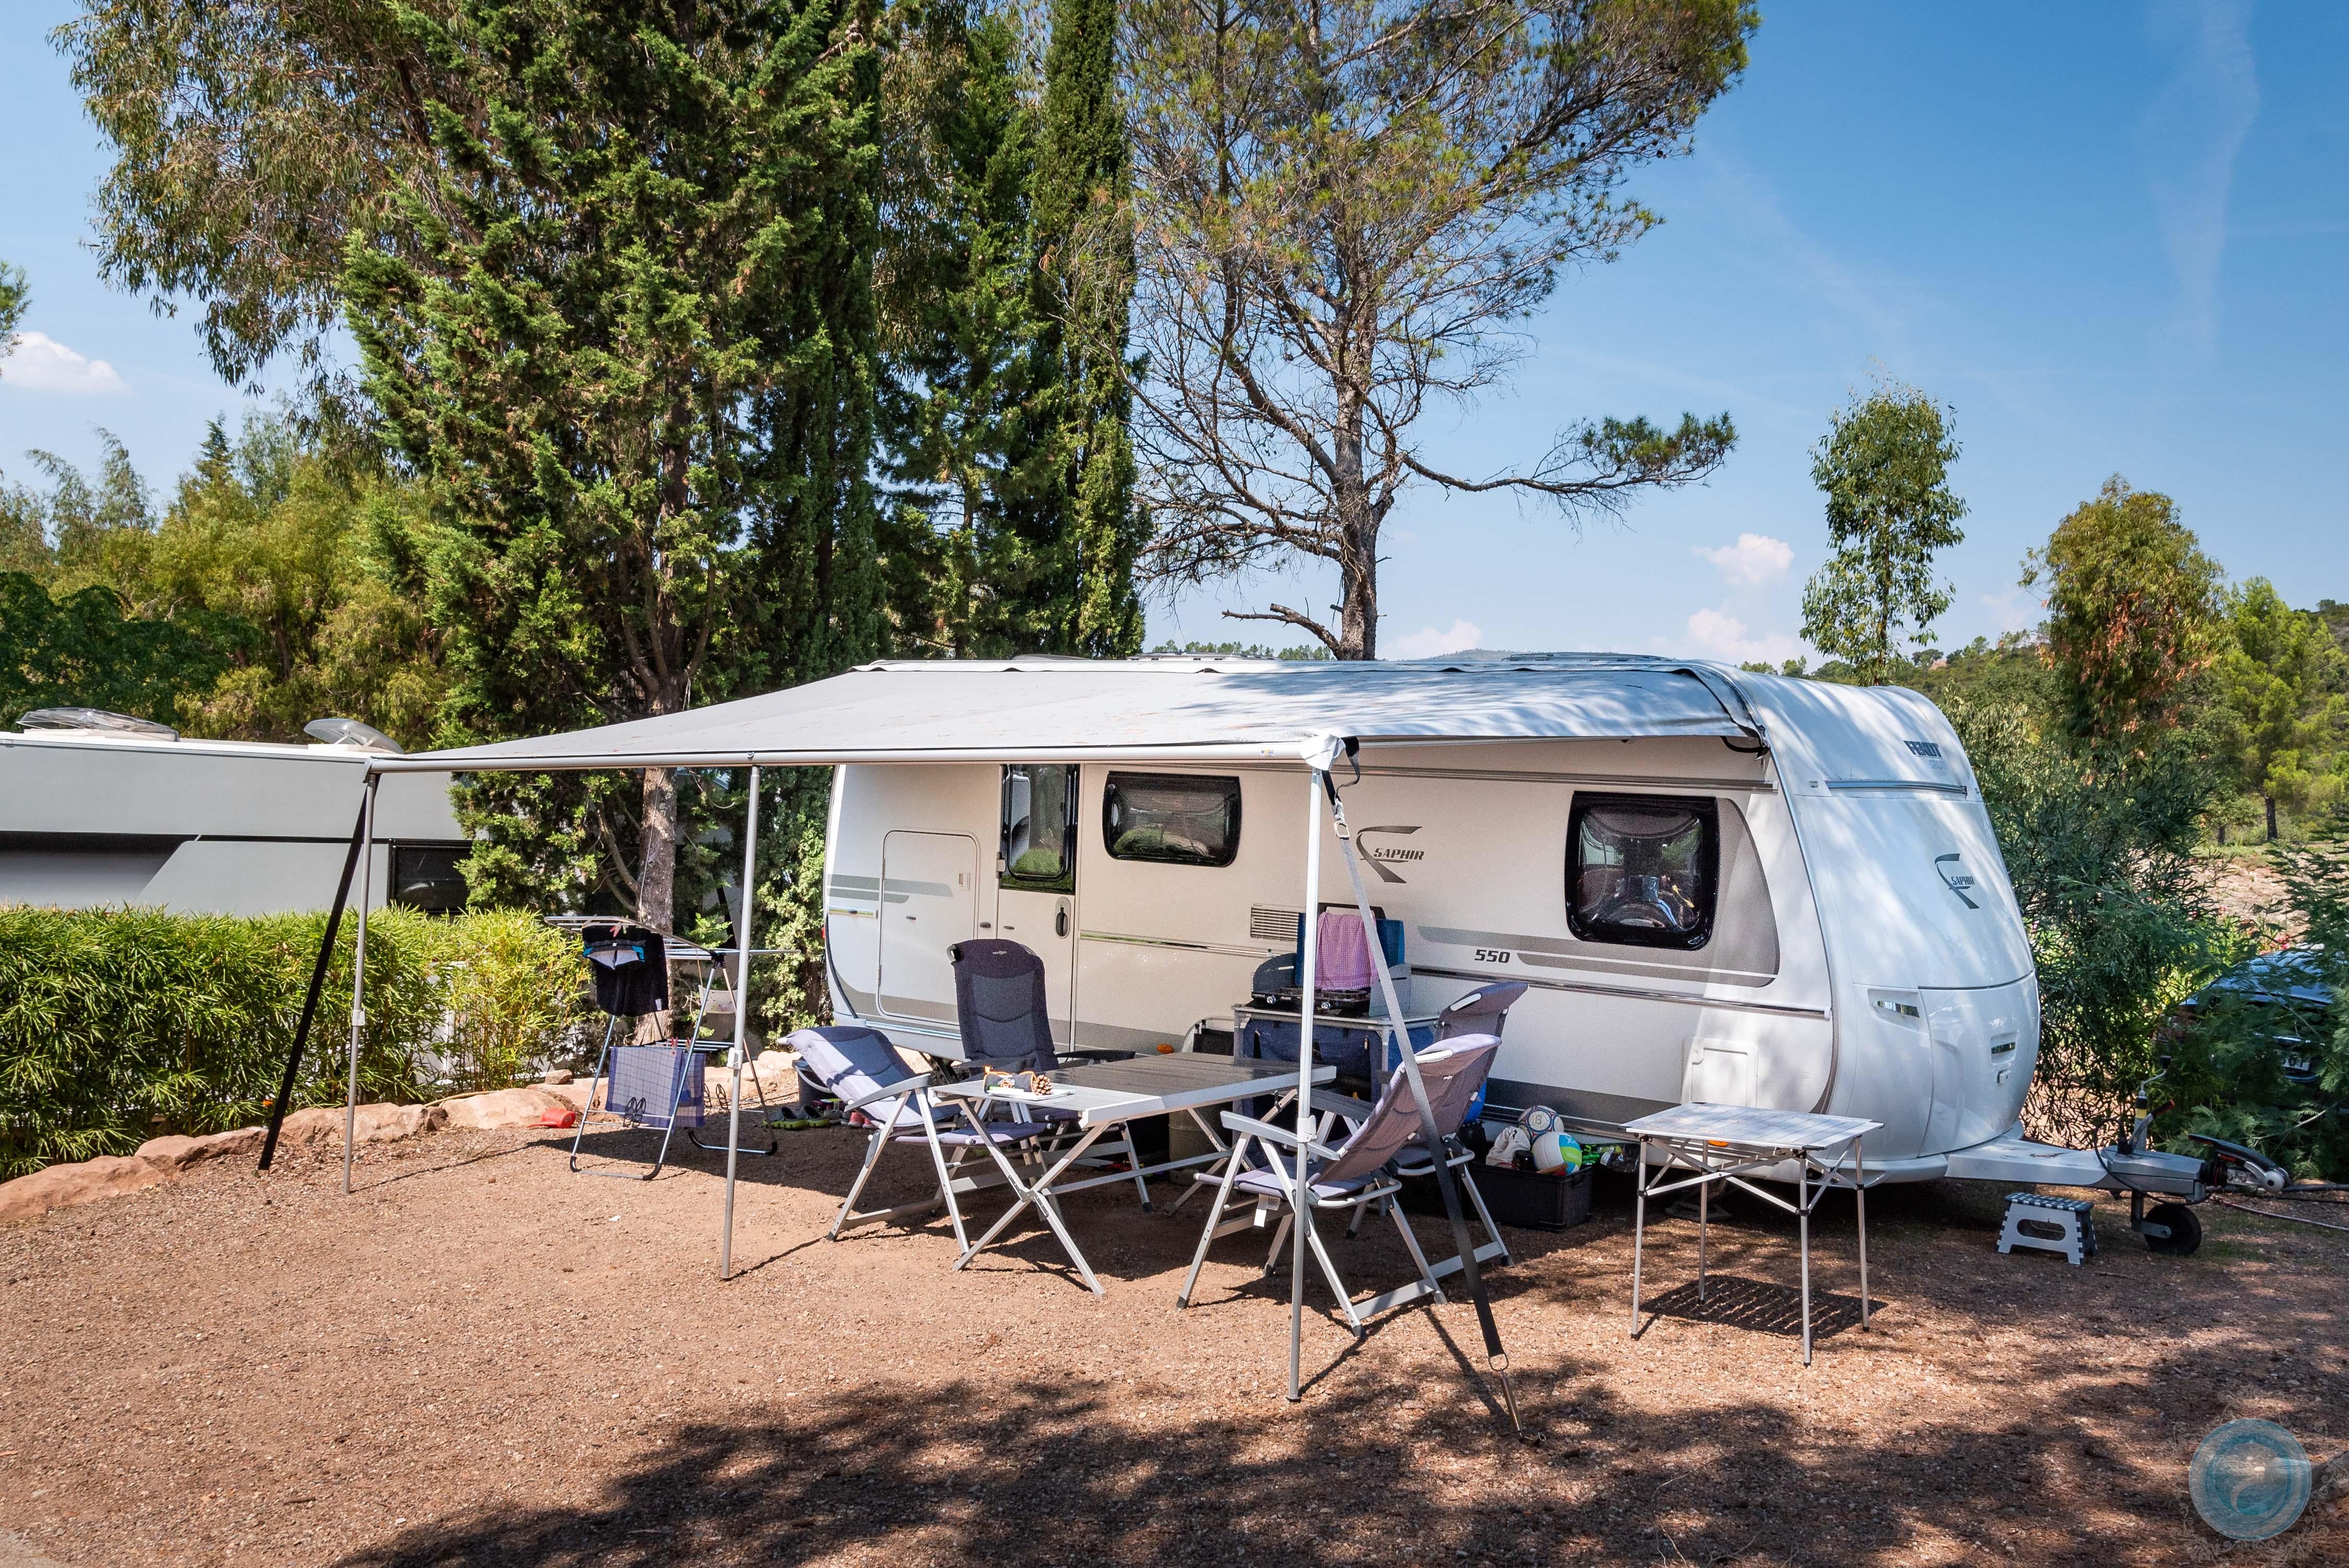 Emplacement - Emplacement 'Standard' (Caravane / Campingcar, Attention: Pas De Tente) - Esterel Caravaning